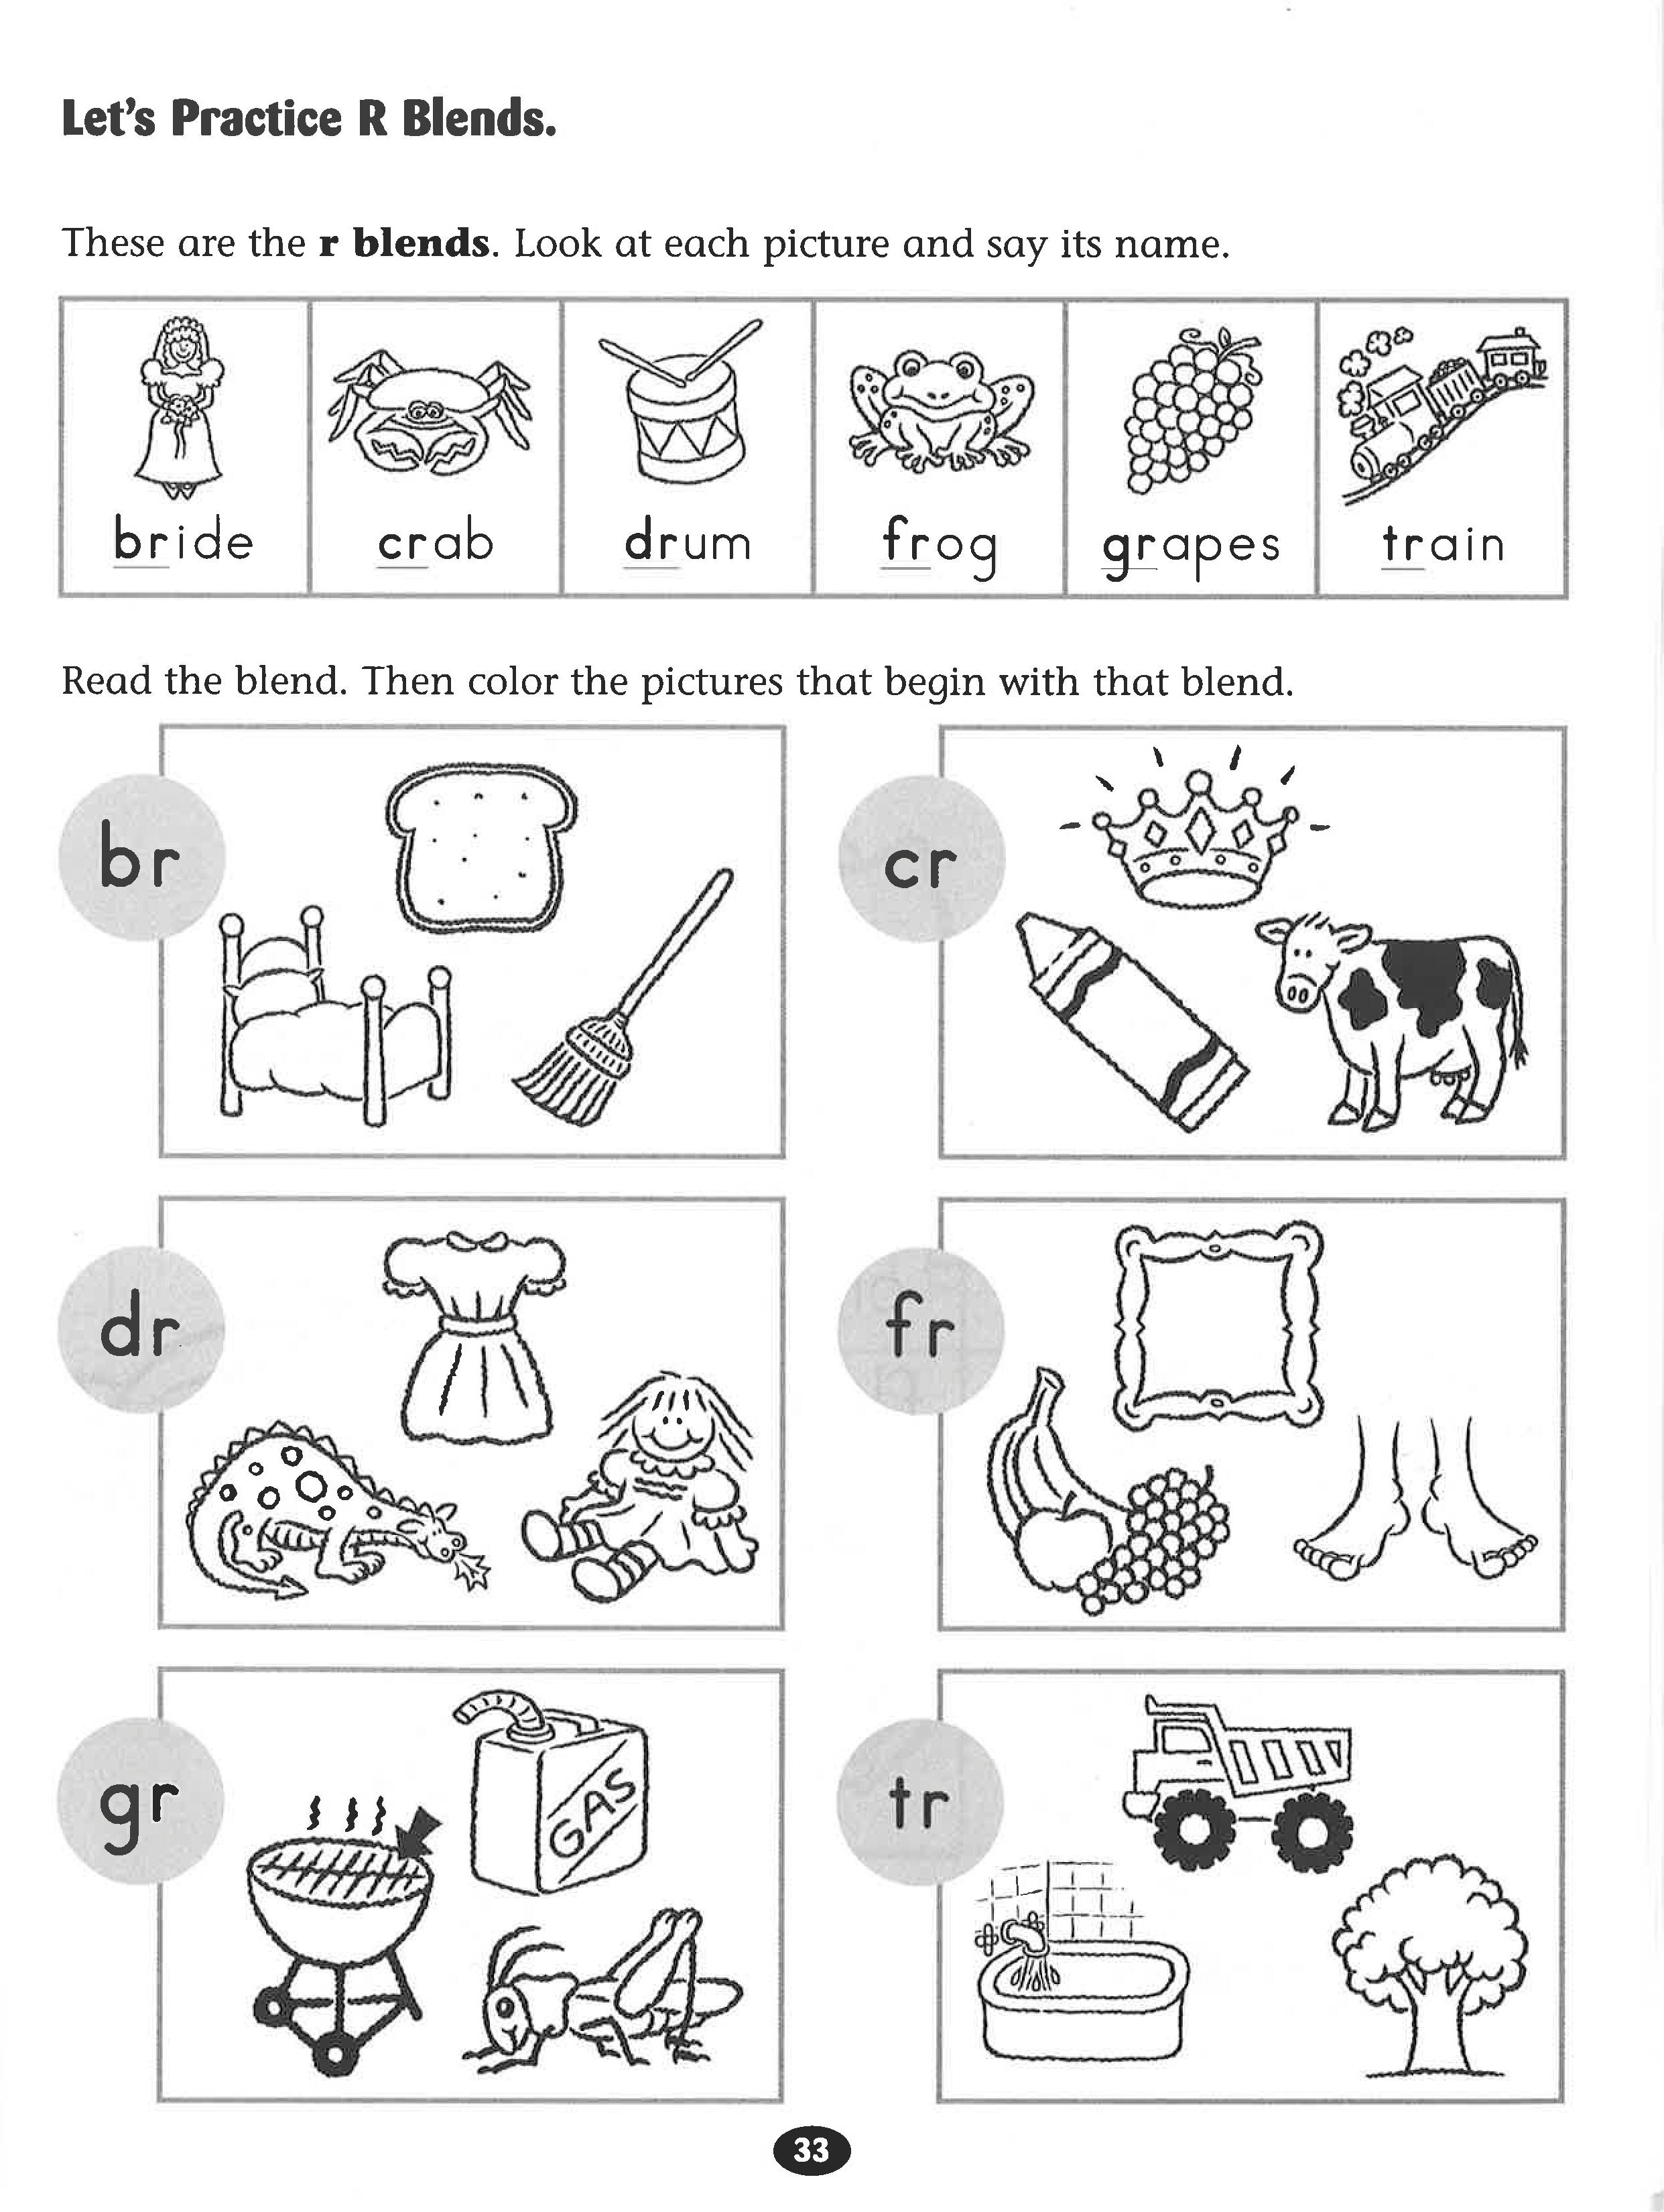 Free Printable R Blends Worksheets Blends Worksheets for First Grade